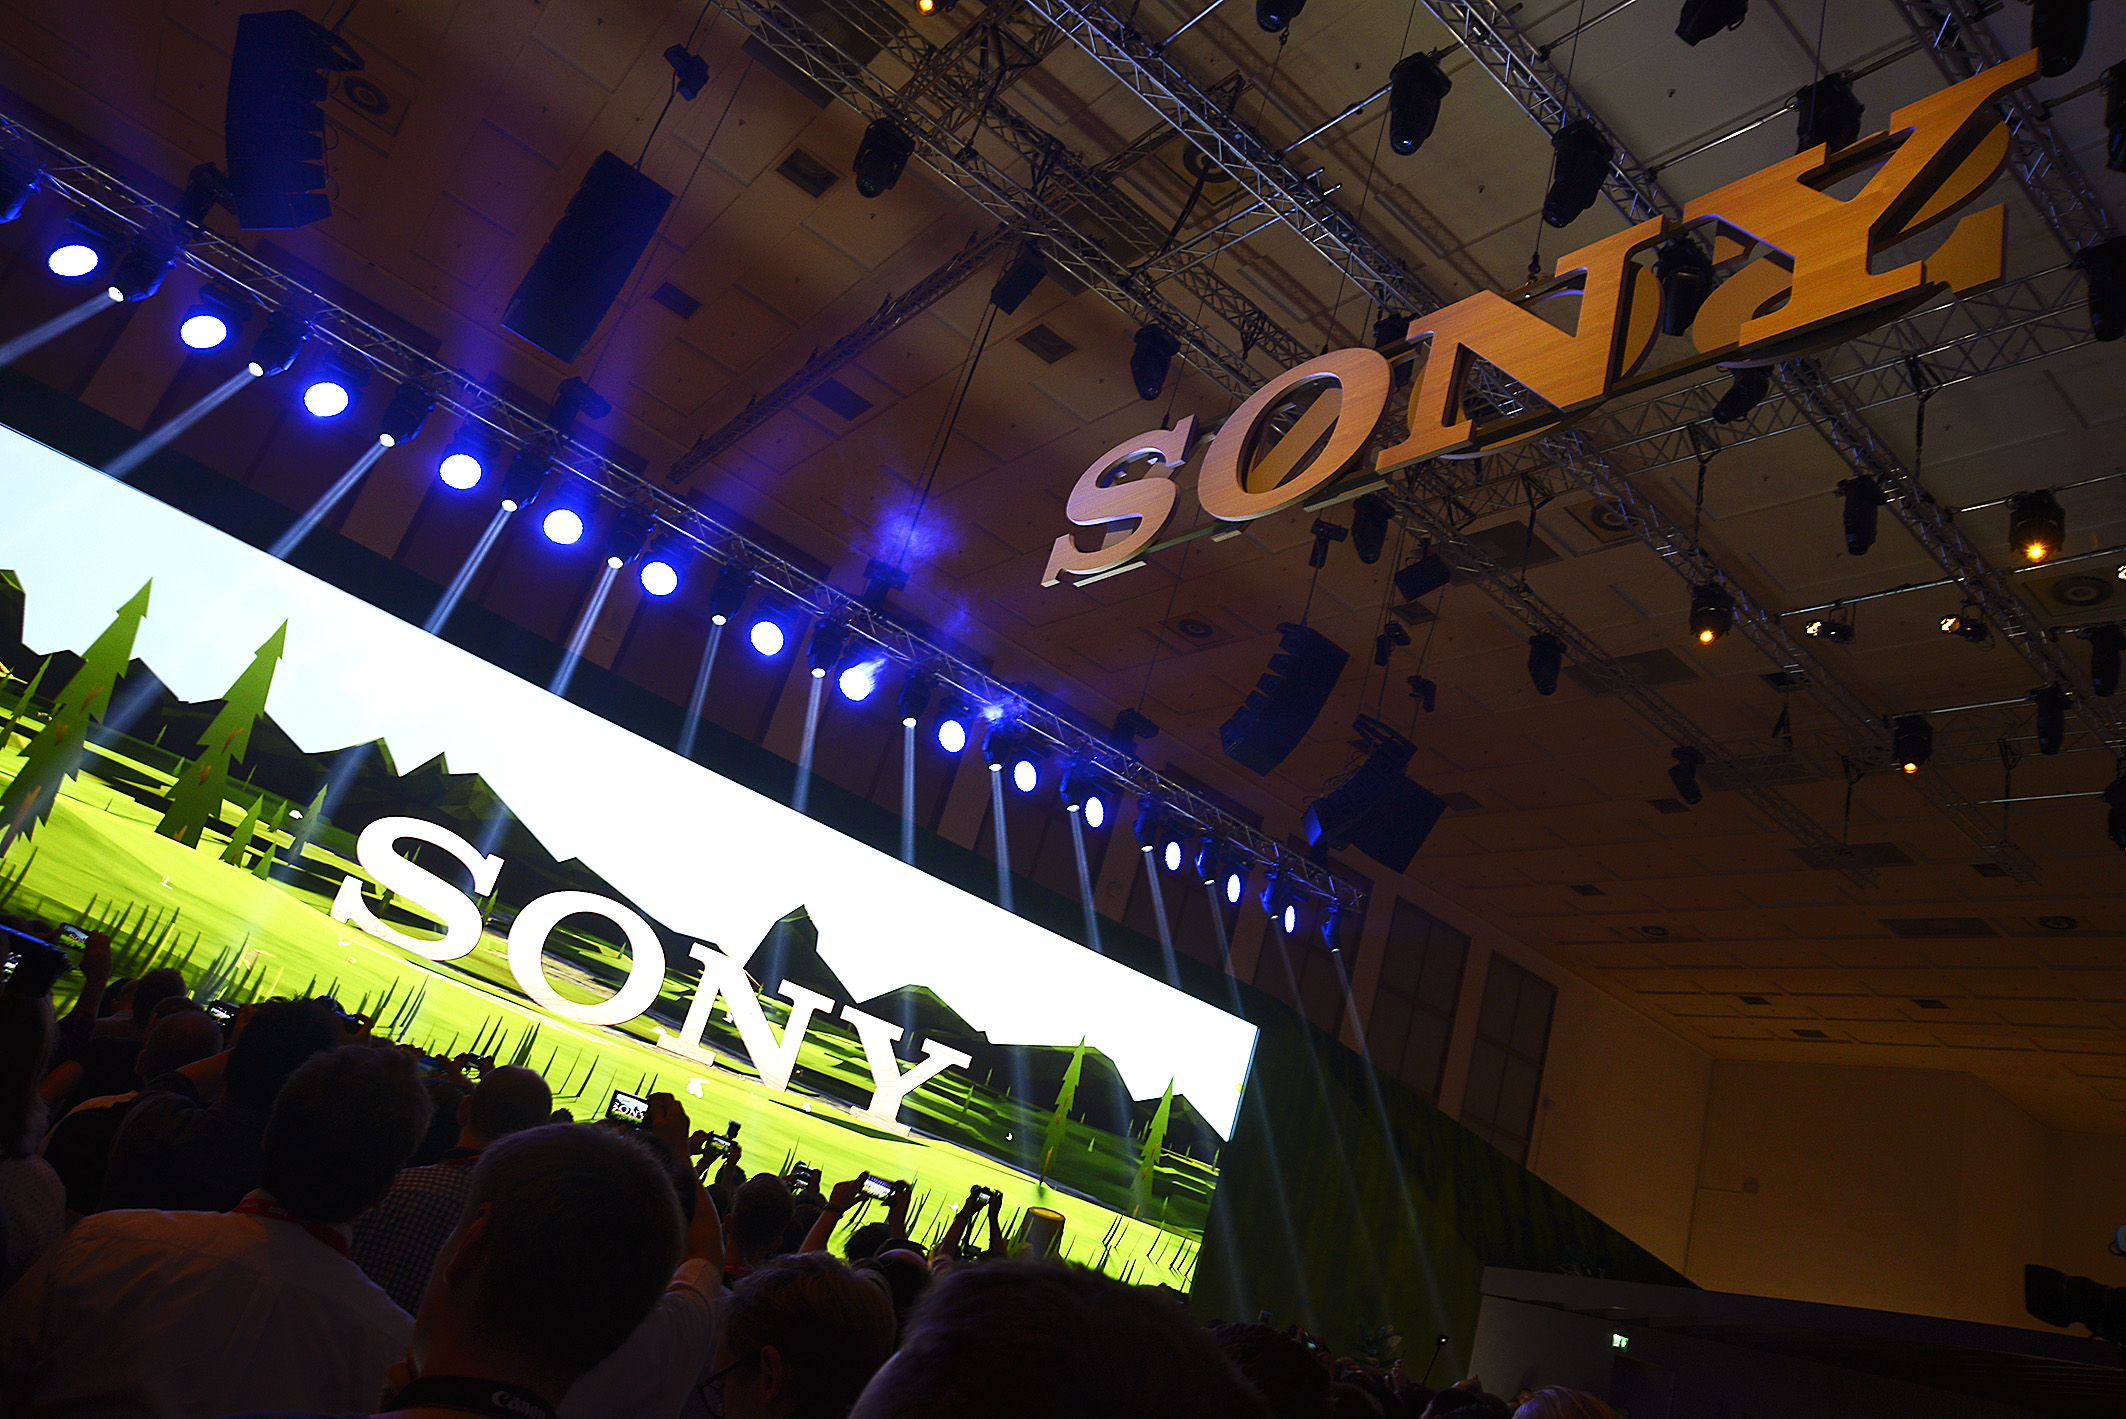 Foto: Michael B. Rehders Sony hat gerufen – und hunderte Journalisten aus aller Welt sind gekommen, um an der Pressekonferenz teilzunehmen.